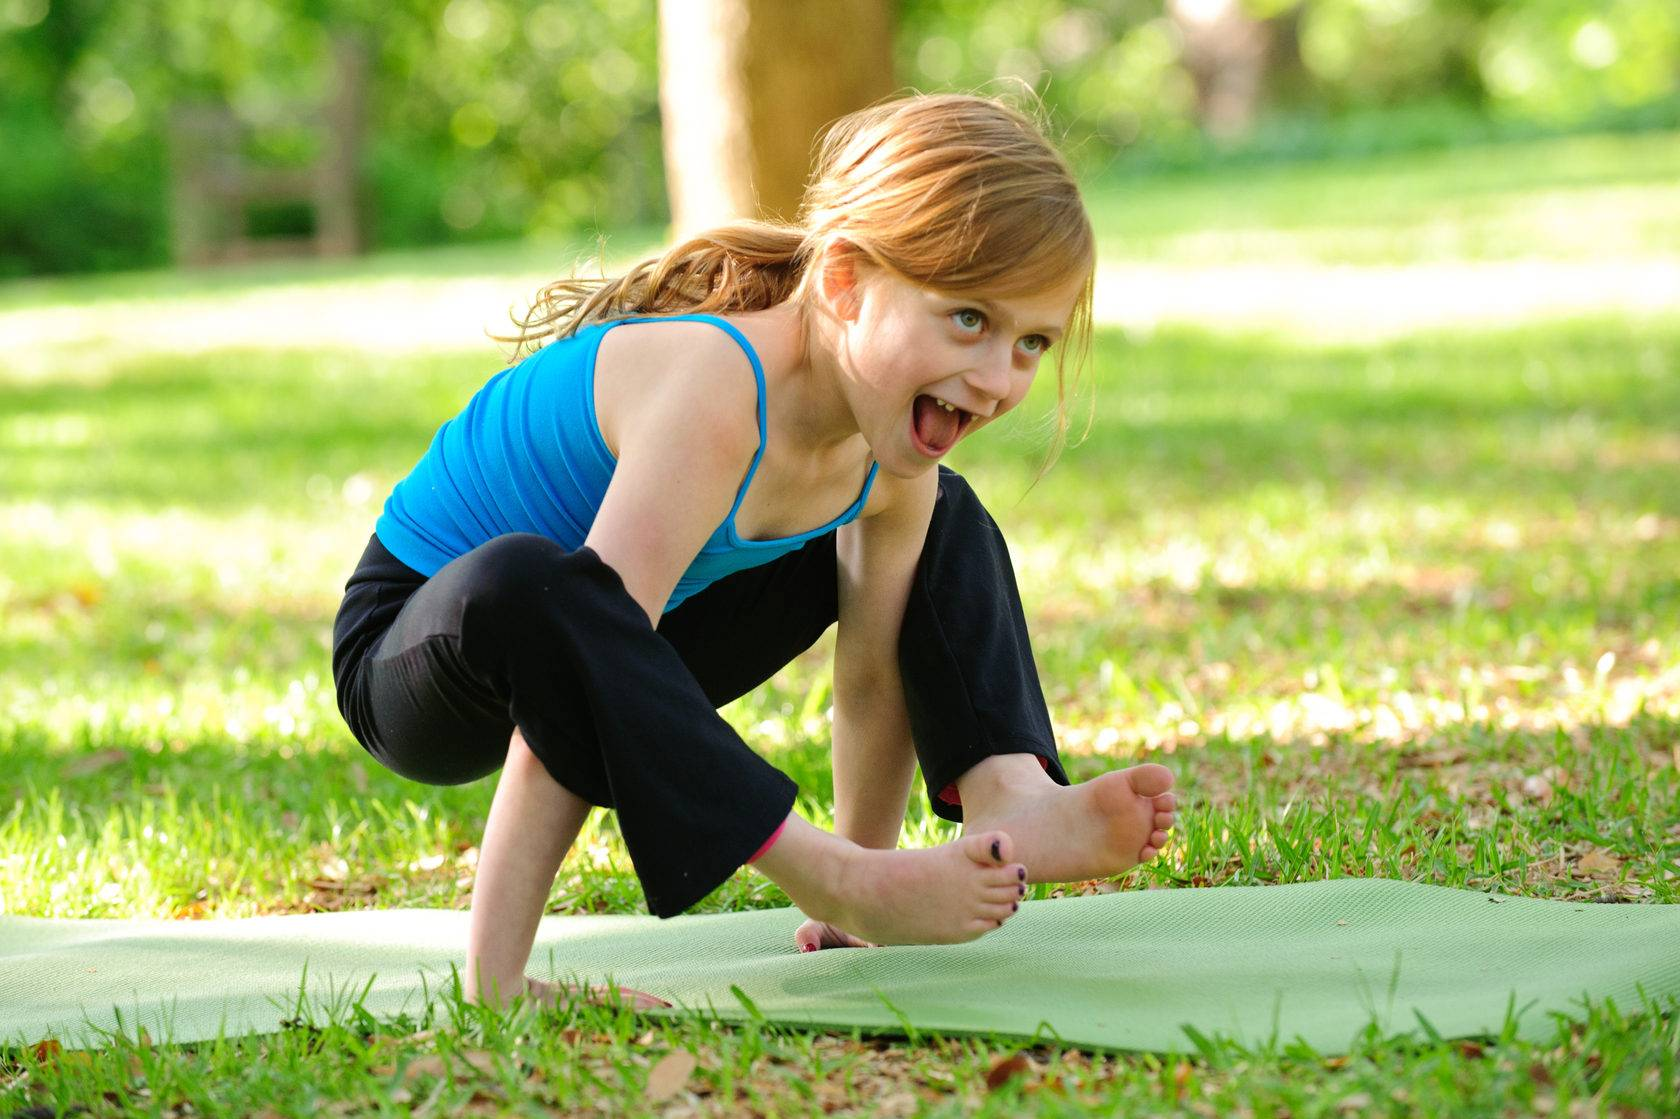 Йога для детей 3-6 лет: видео-уроки, а также упражнения в картинках и польза занятий для ребенка